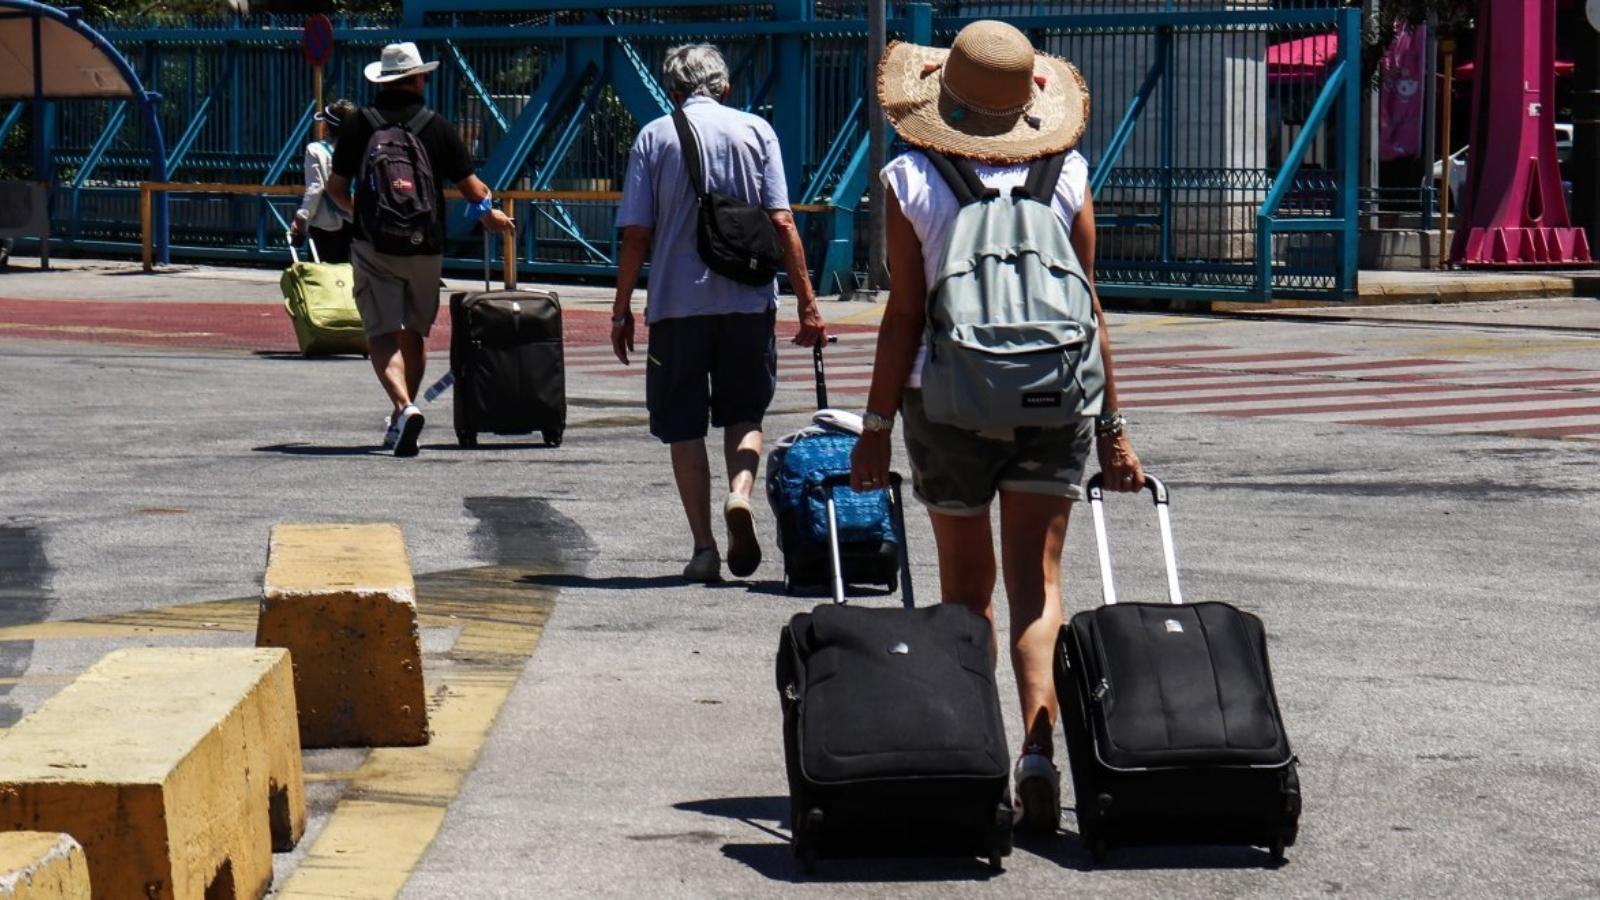 Πρώτη στις προτιμήσεις των Ρώσων τουριστών για το φθινόπωρο η Ελλάδα